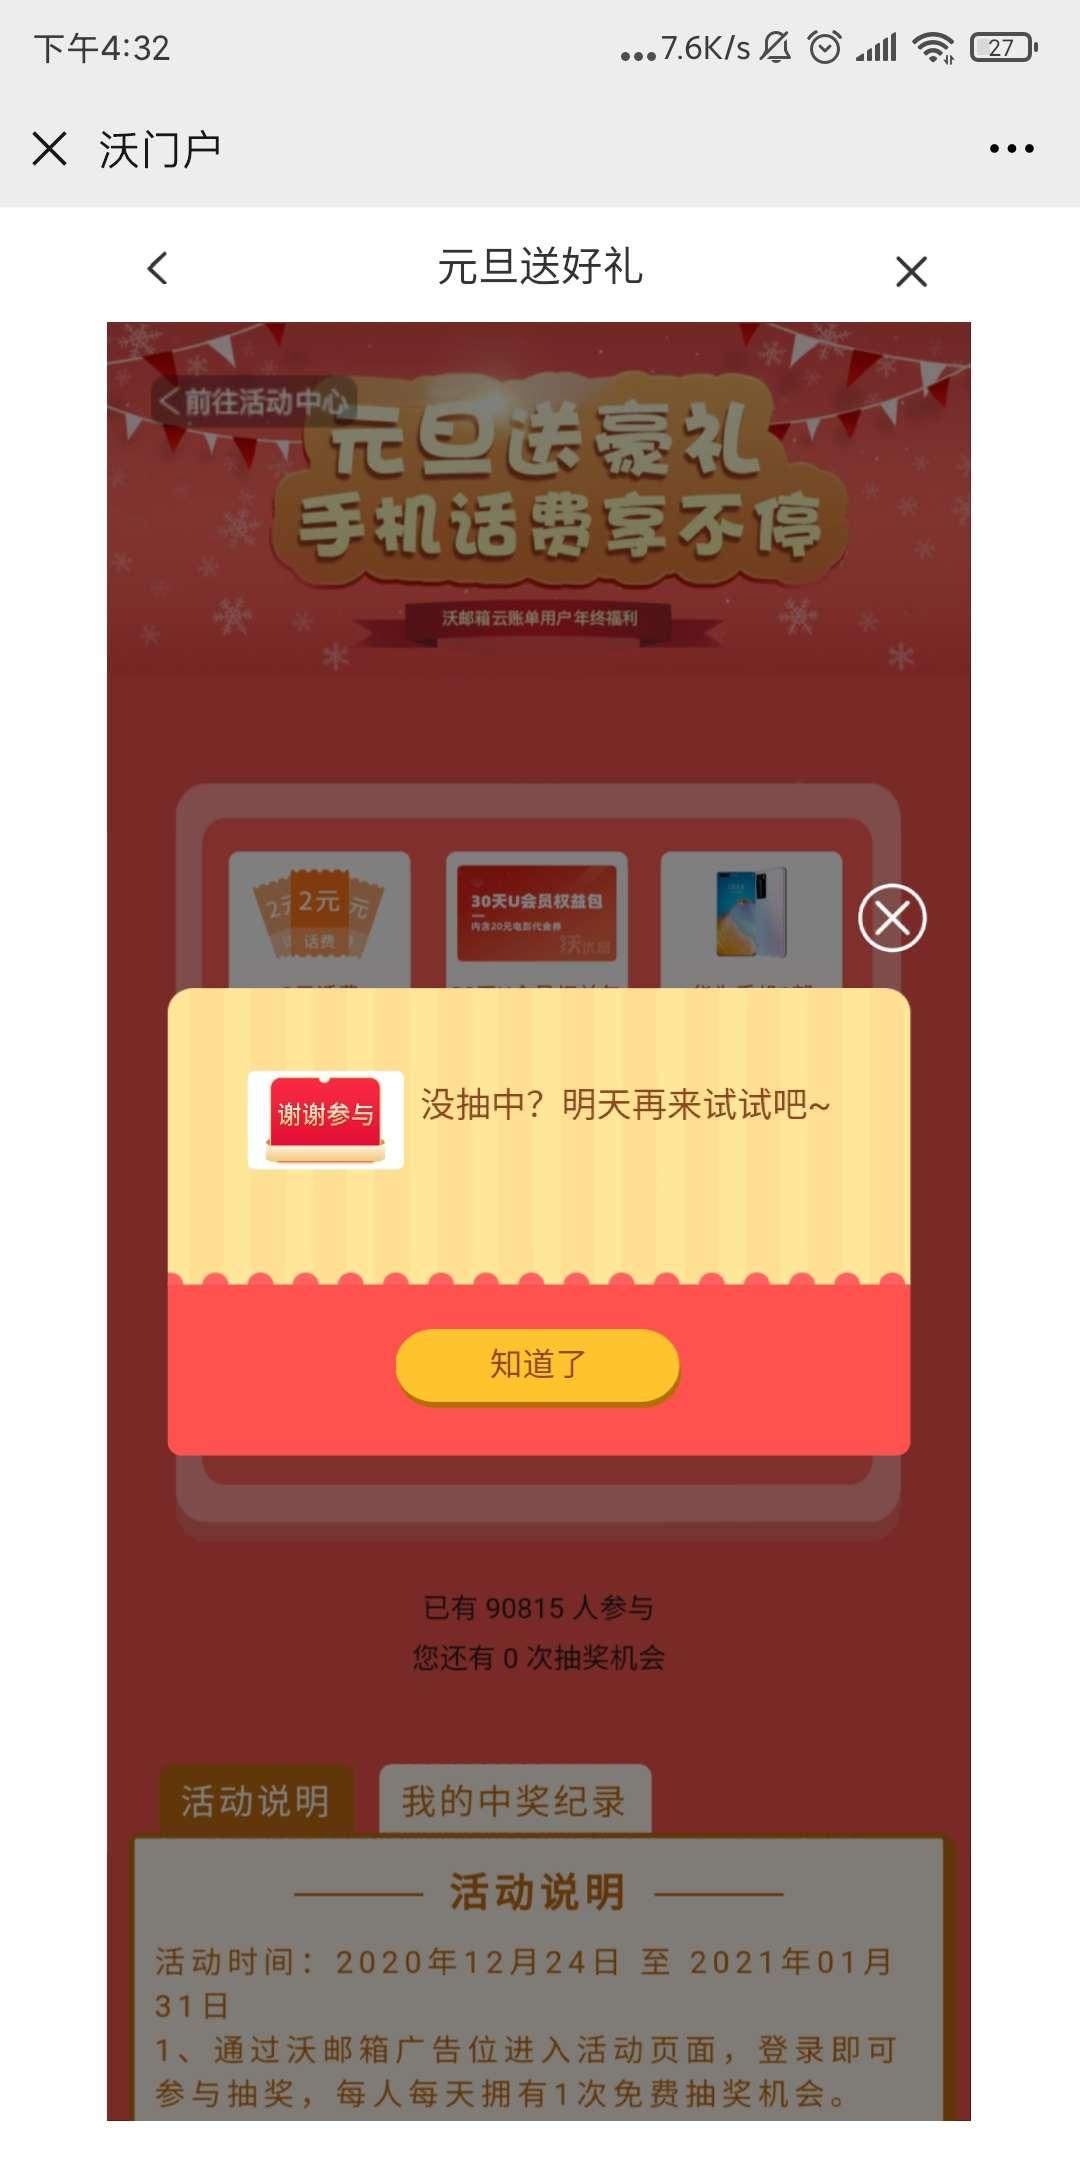 图片[1]-中国联通抽话费-老友薅羊毛活动线报网